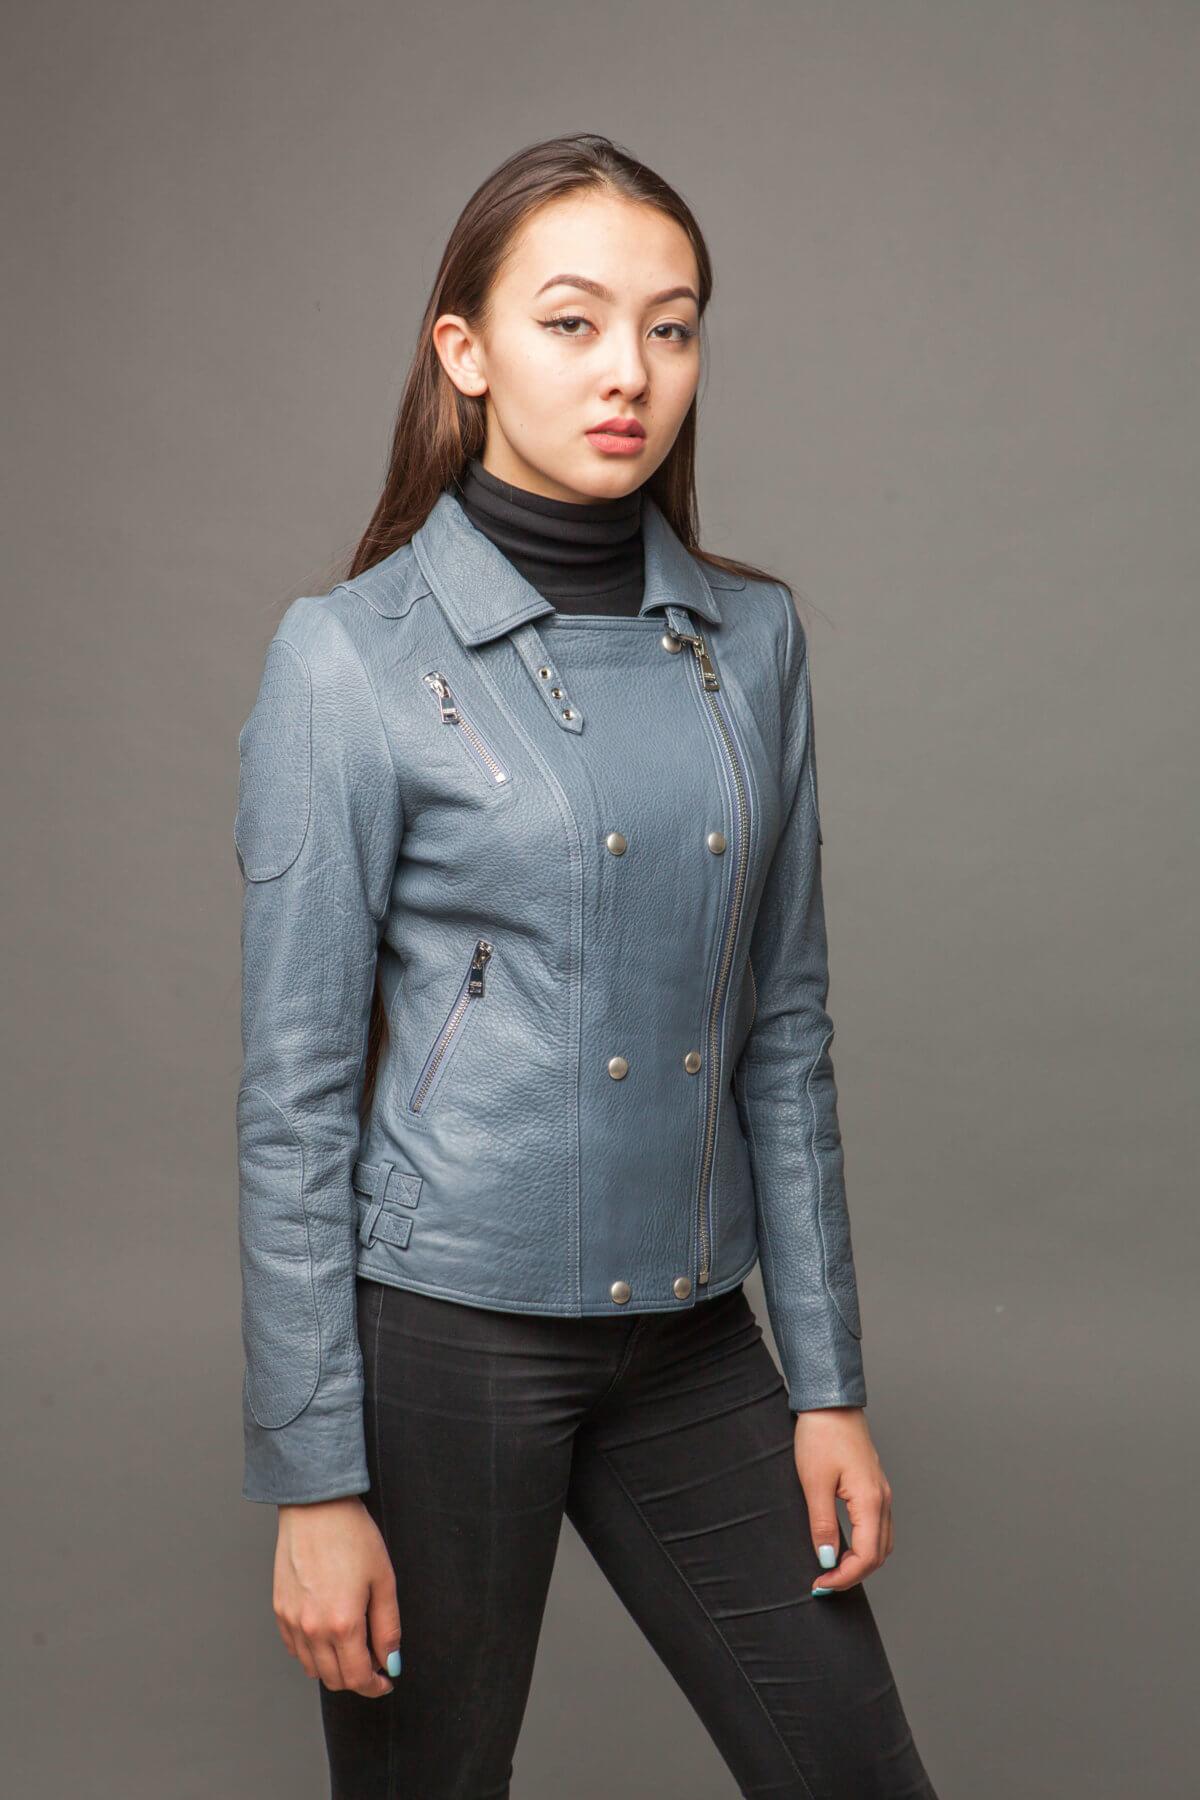 Кожаная куртка-косуха голубая. Фото 5